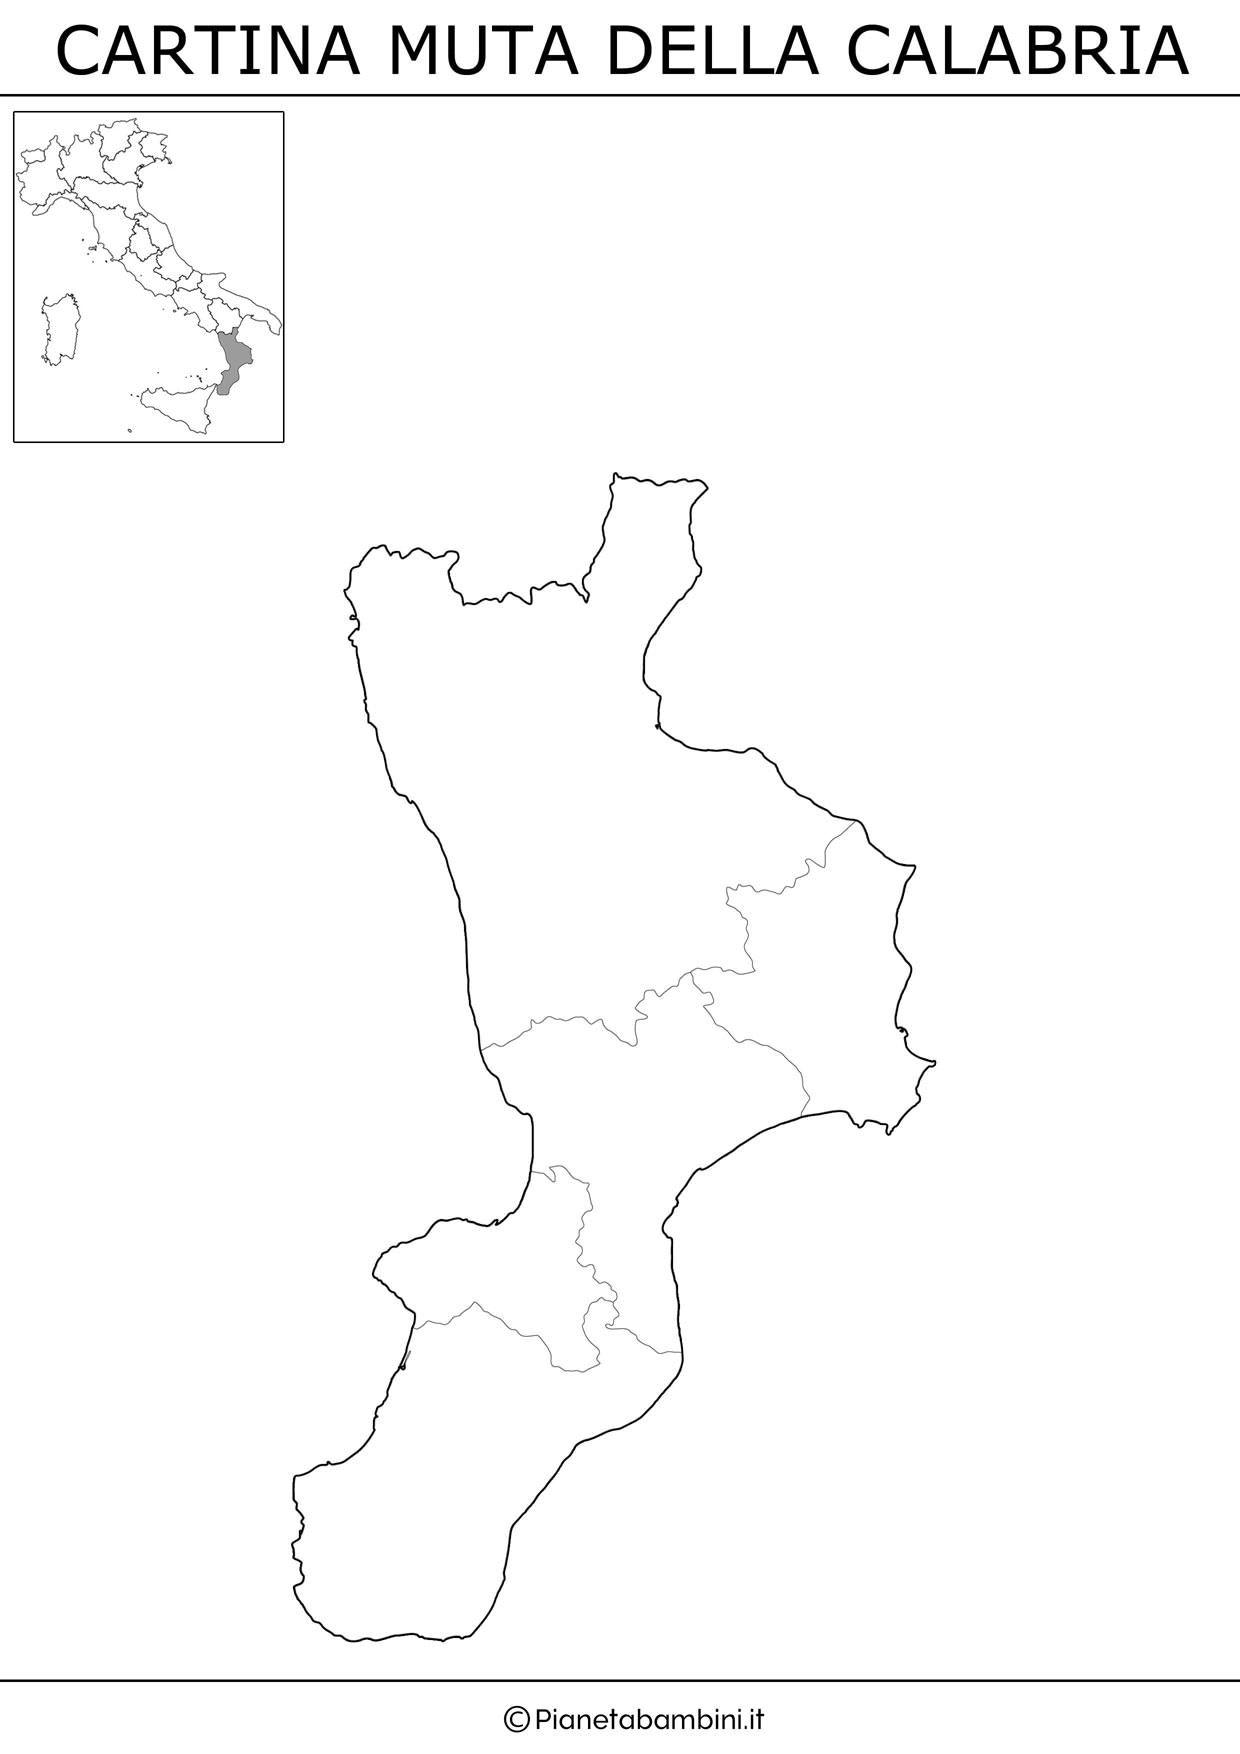 Cartina Geografica Della Calabria Fisica.Cartina Muta Fisica E Politica Della Calabria Da Stampare